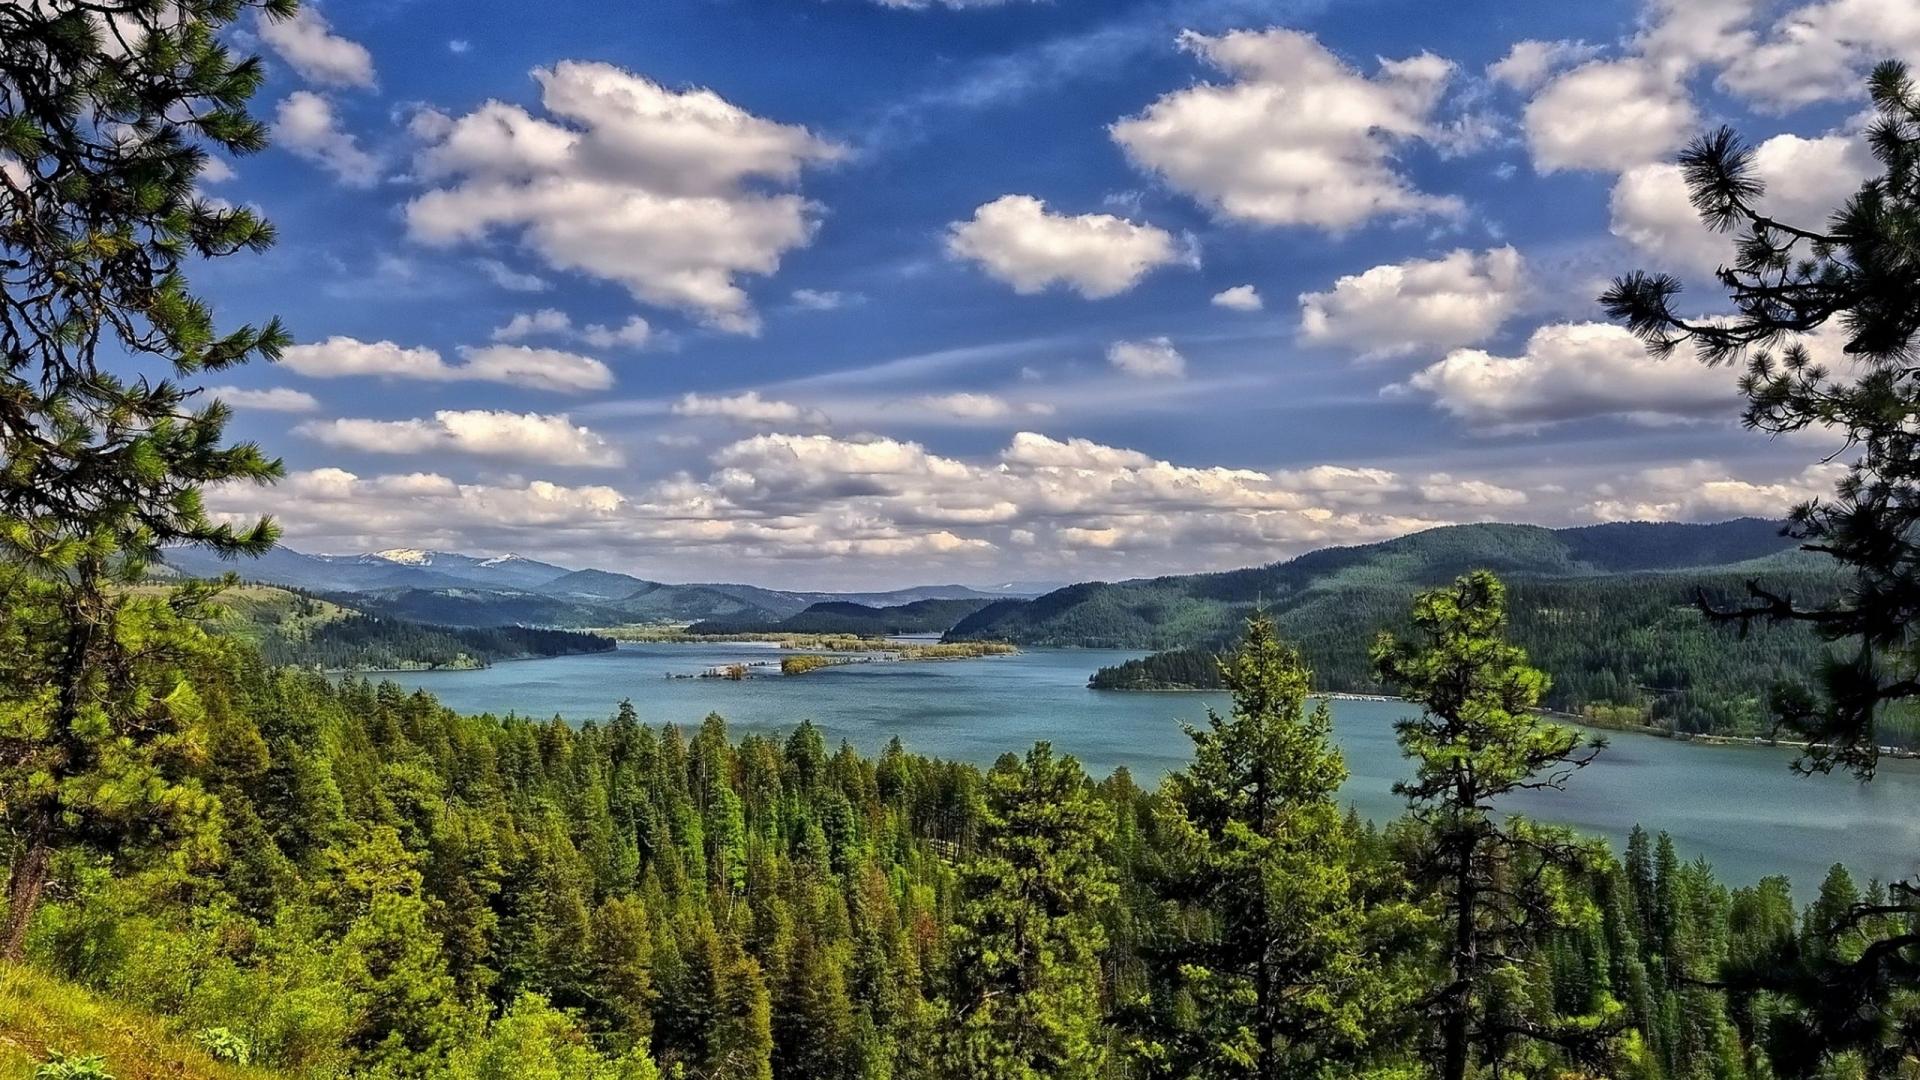 26147 скачать обои Пейзаж, Река, Деревья, Небо, Облака - заставки и картинки бесплатно